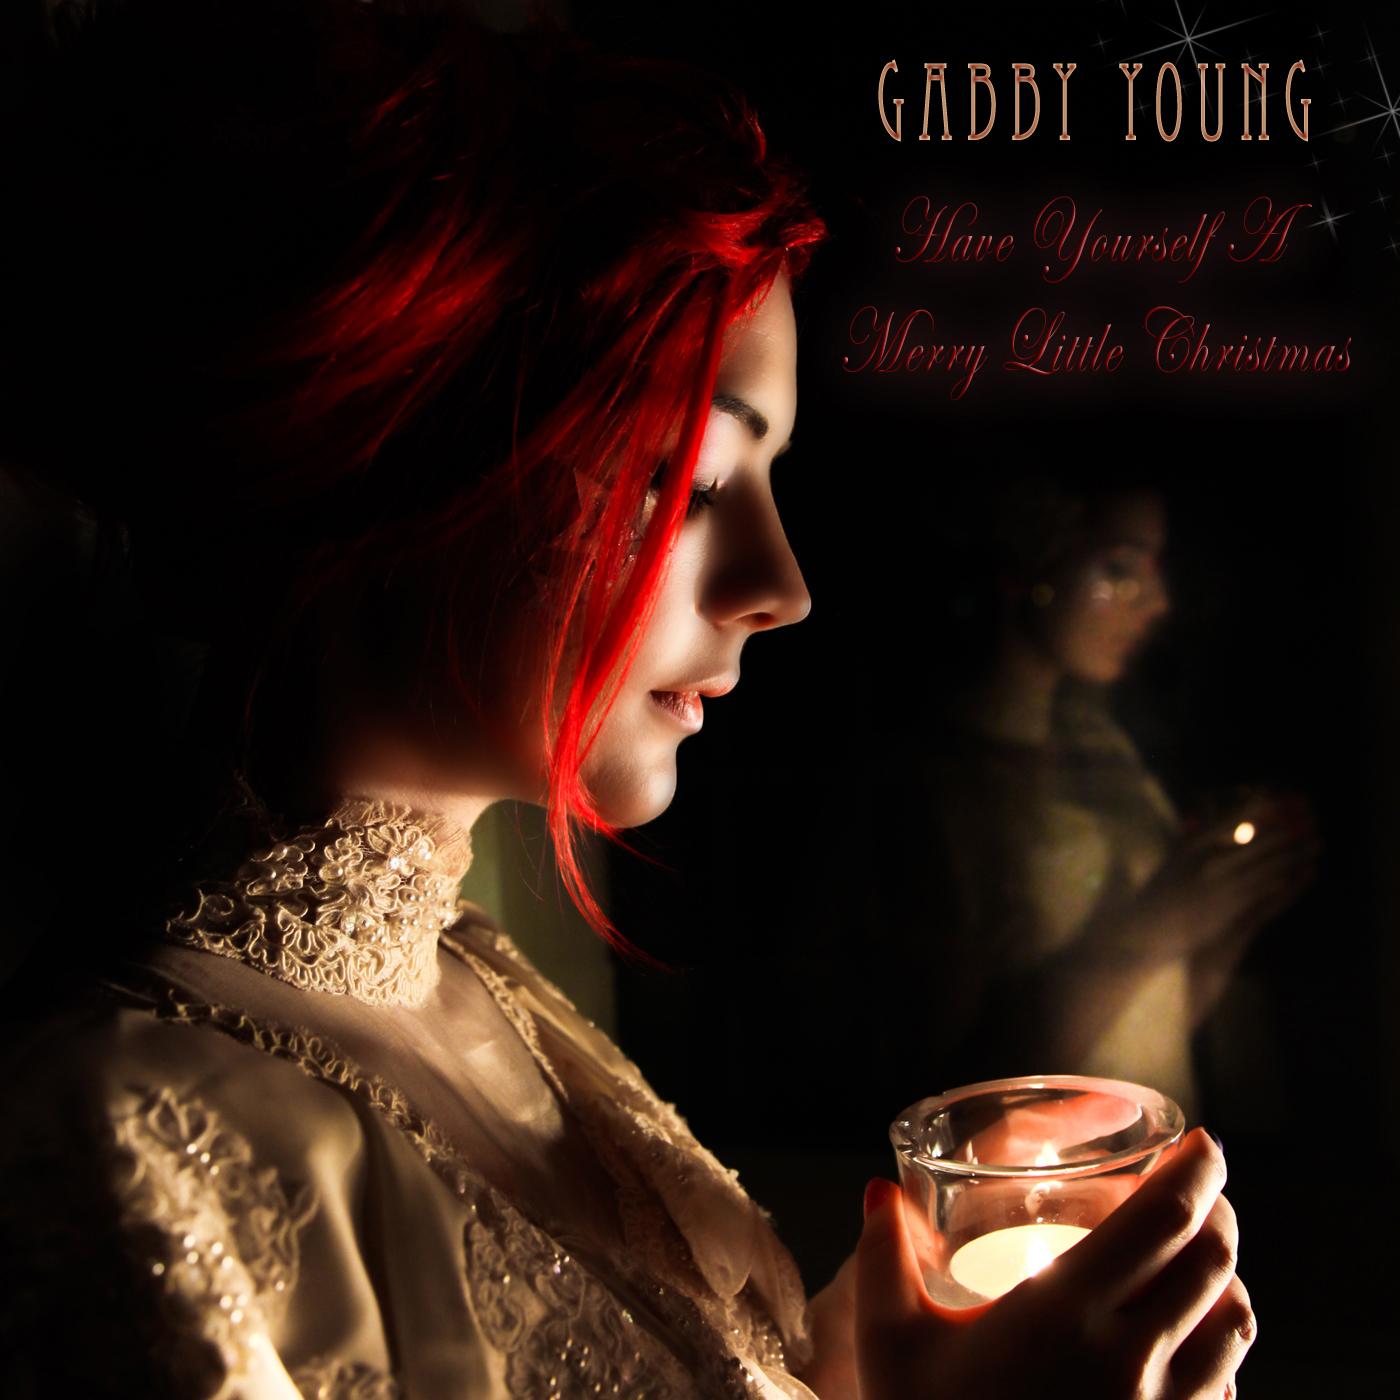 http://2.bp.blogspot.com/-ecSarFghboY/TwMm3CjD-vI/AAAAAAAACrc/vViGeydI_UU/s1600/Gab+Christmas+Cover.jpg